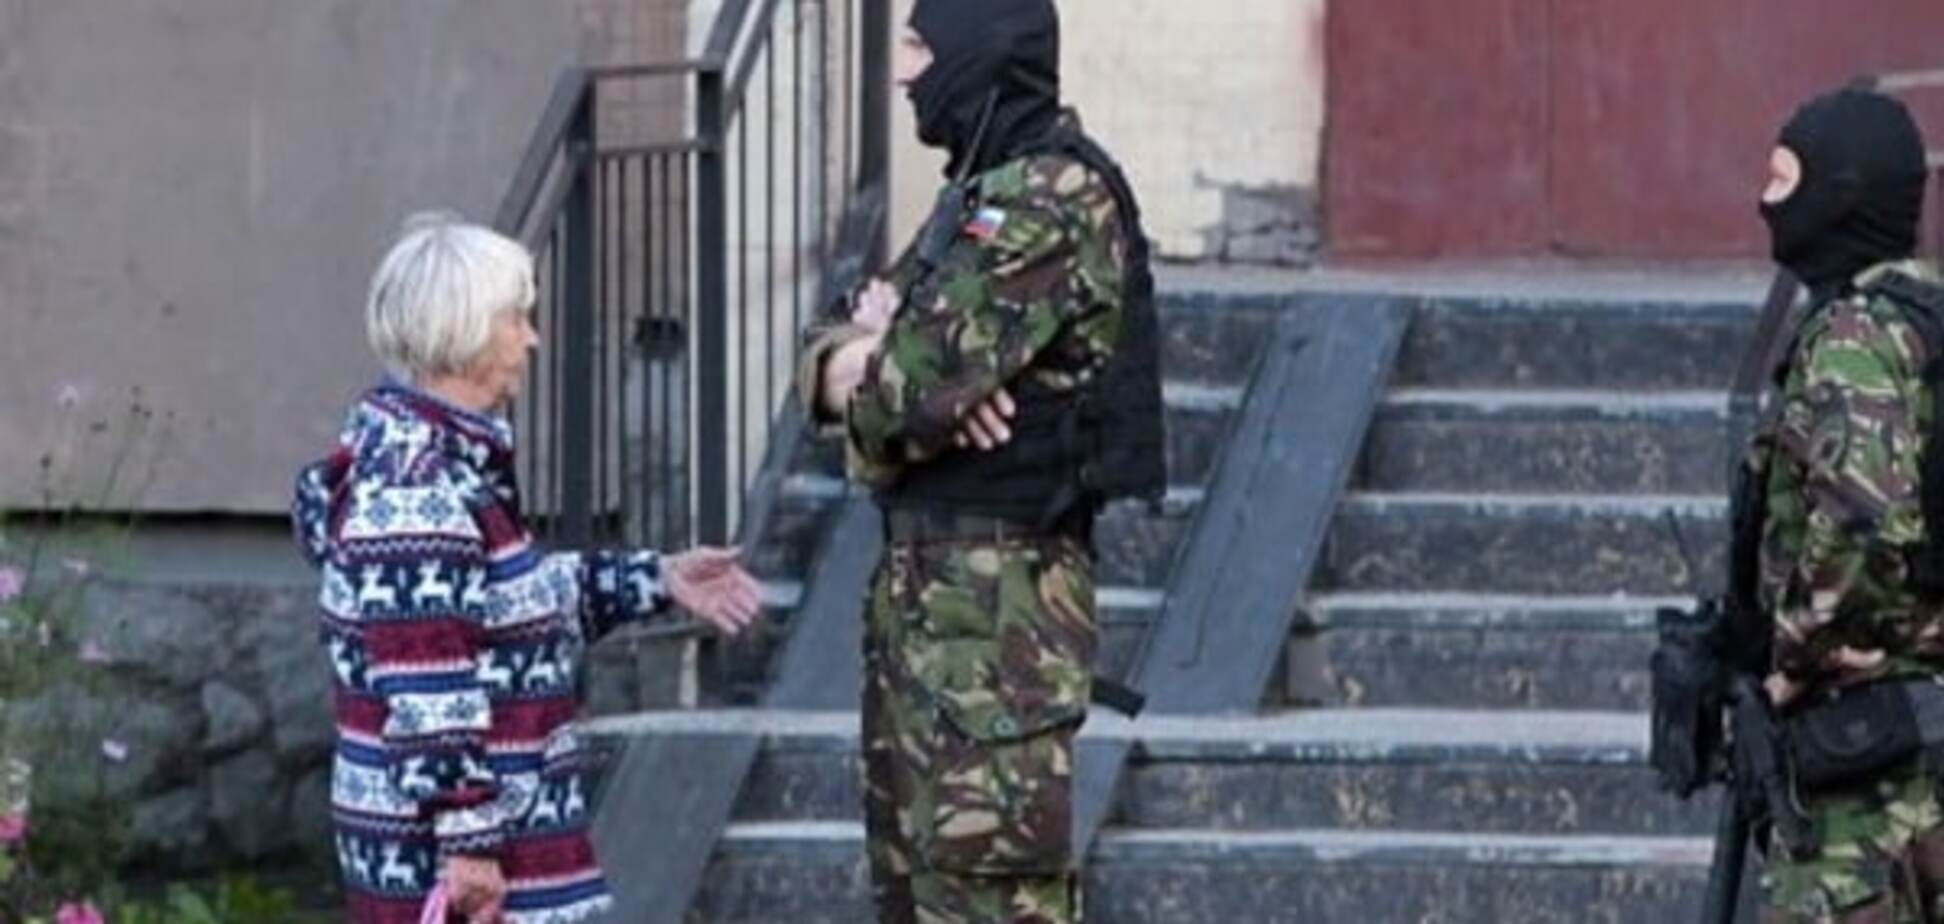 ФСБ затримує і залякує проукраїнськи налаштованих жителів Луганська - розвідка